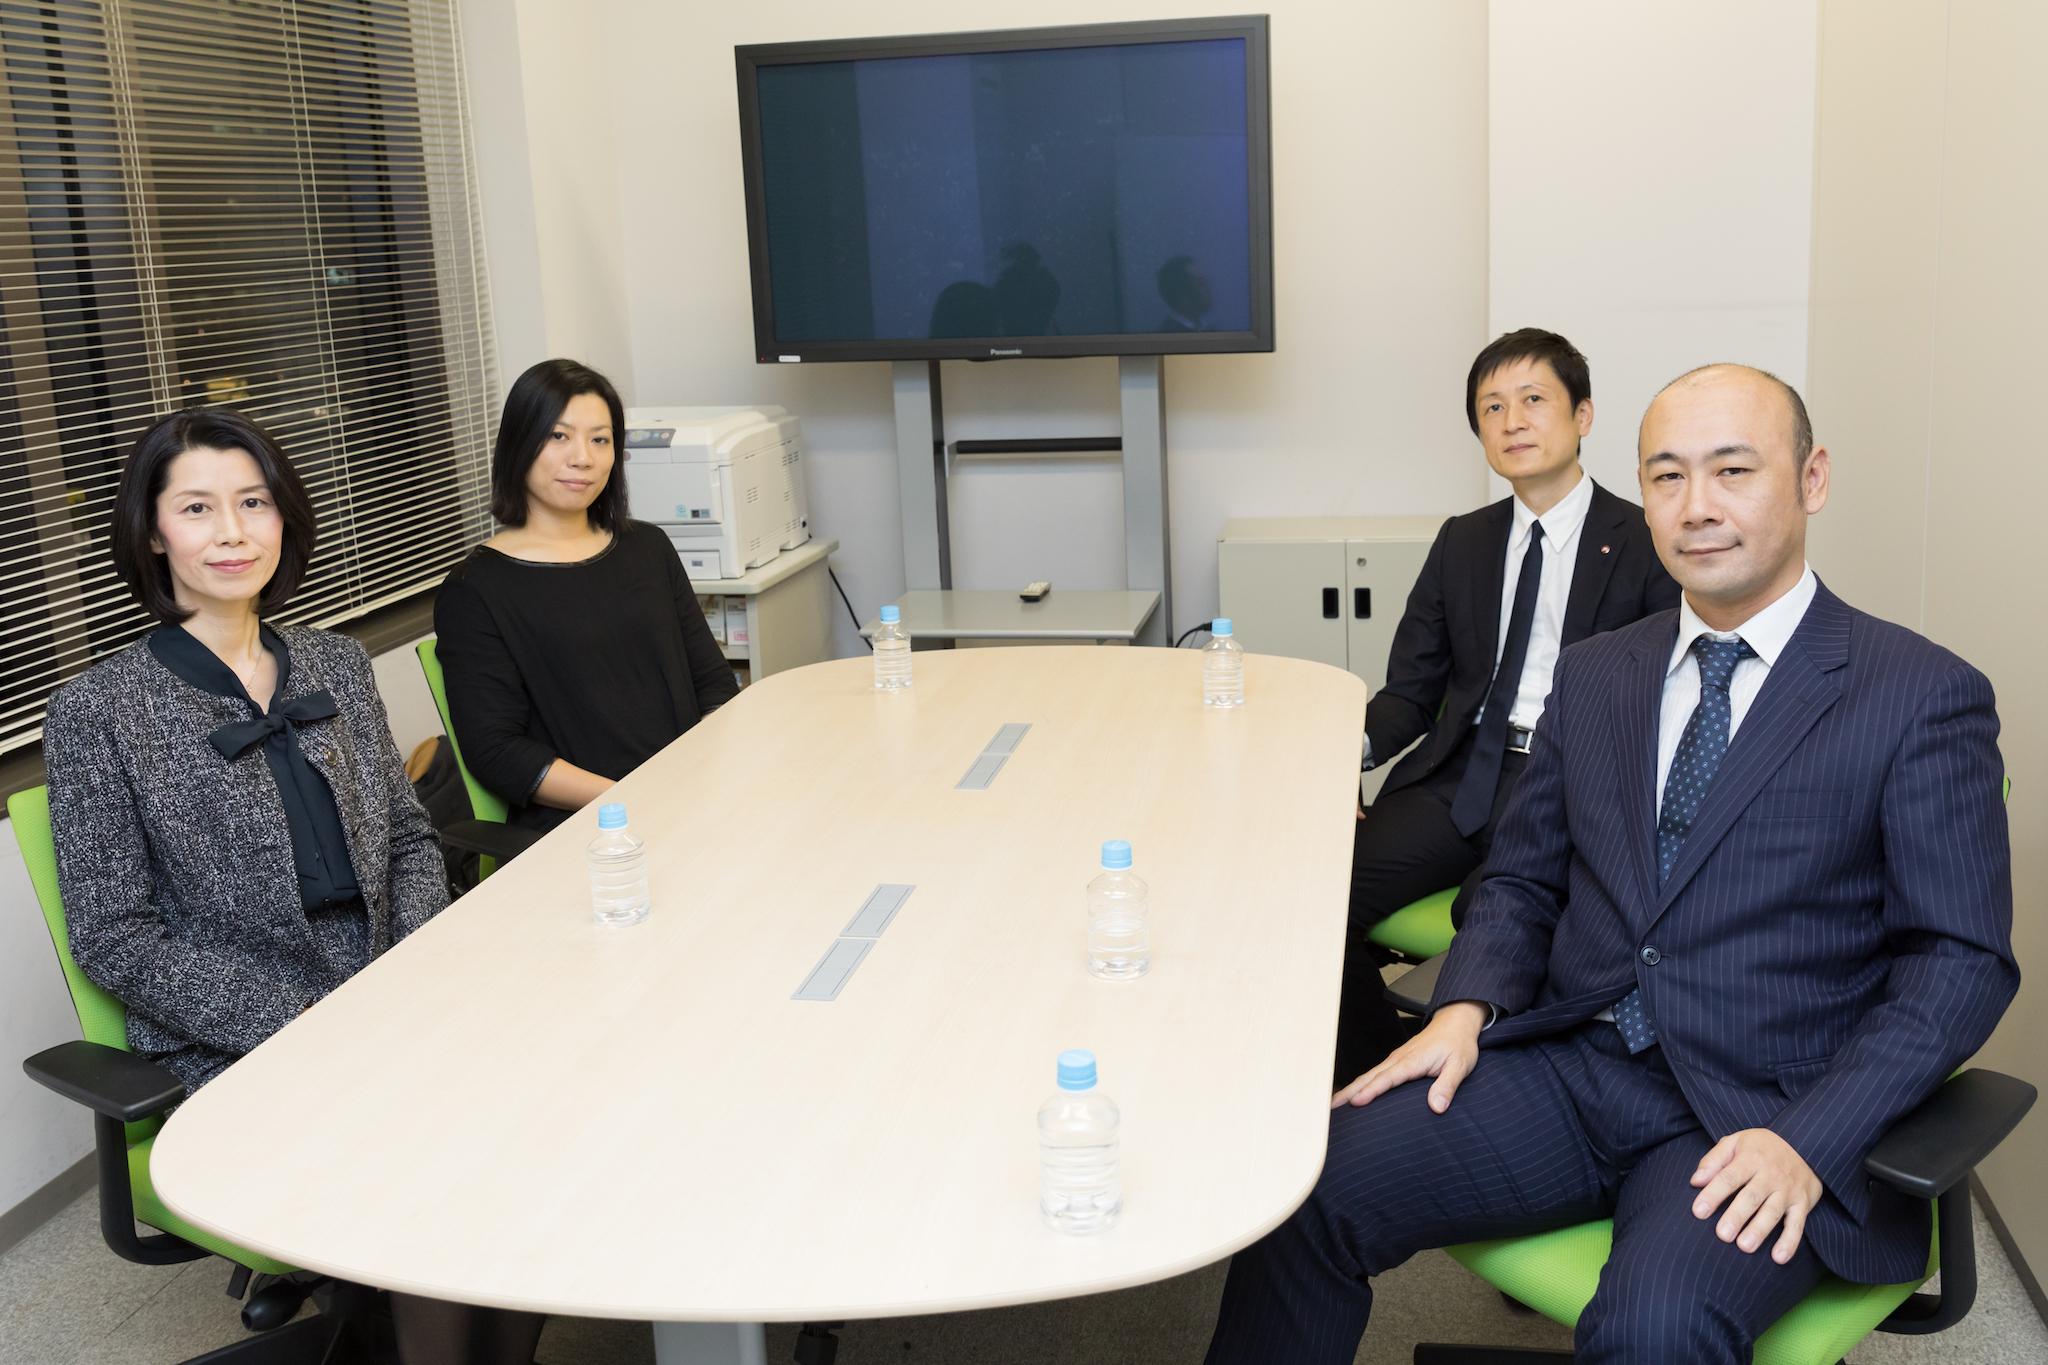 企業経営戦略コース修了生の皆さん 左から 大西さん、斎藤さん、森田さん、片山さん